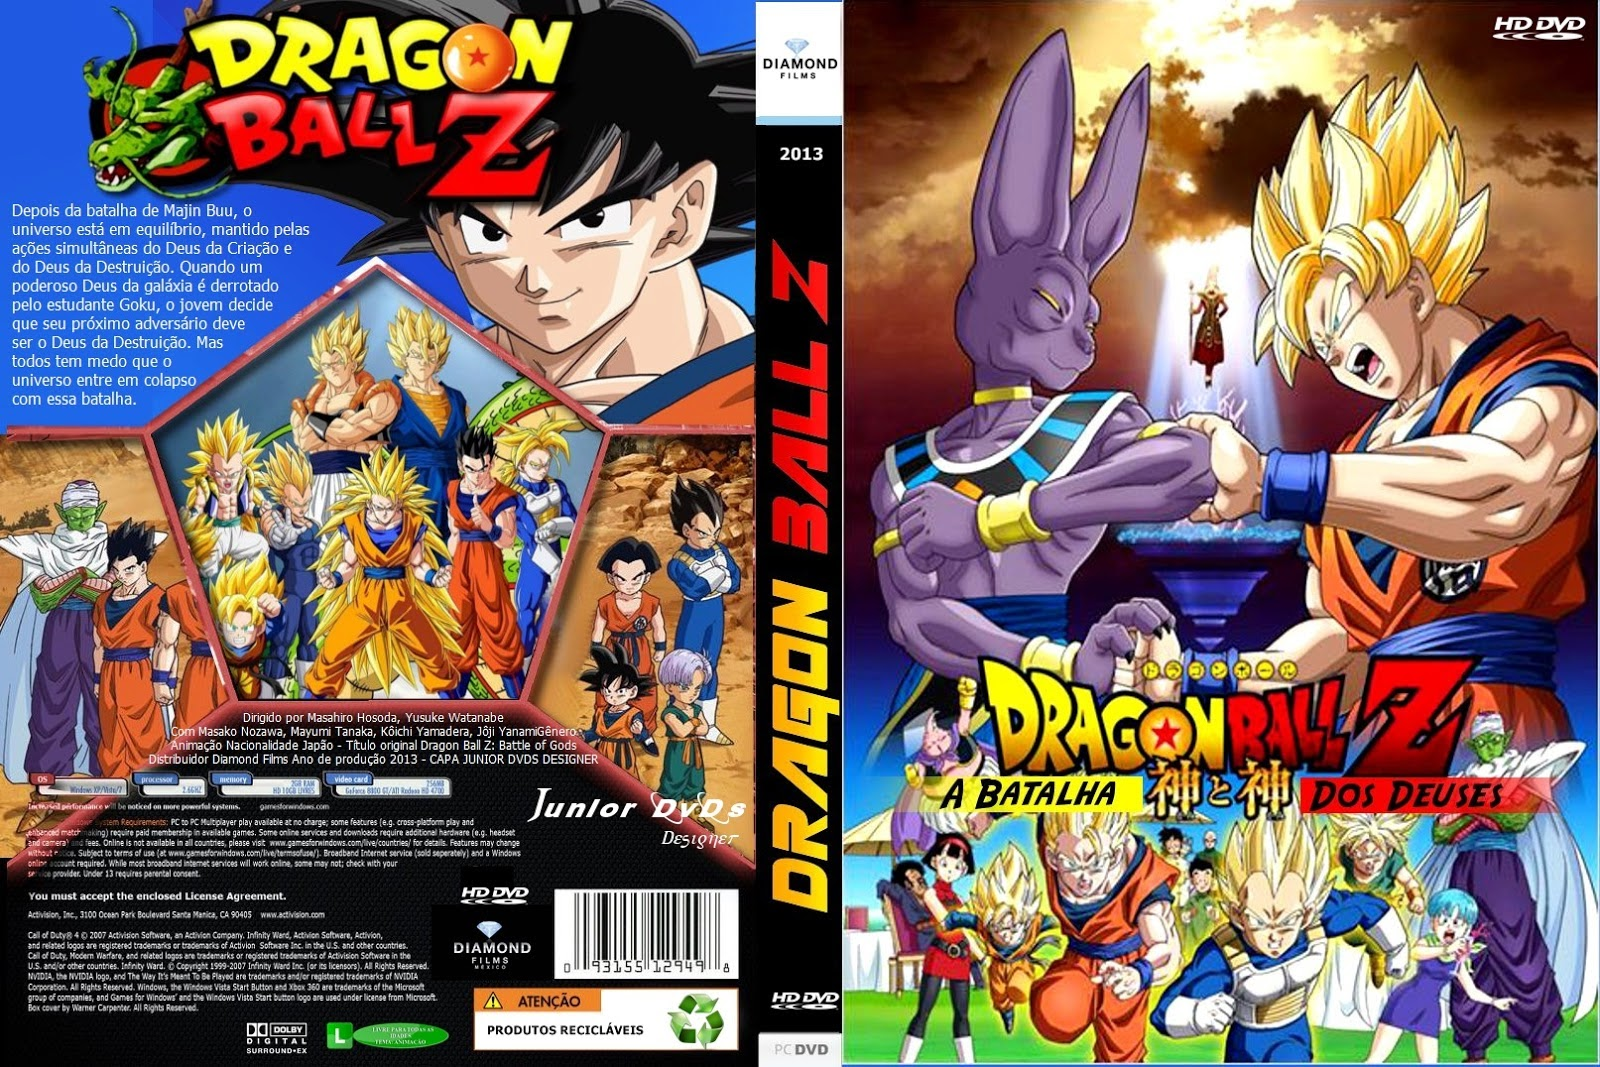 Dragon Ball Z A Batalha dos Deuses DVD Capa